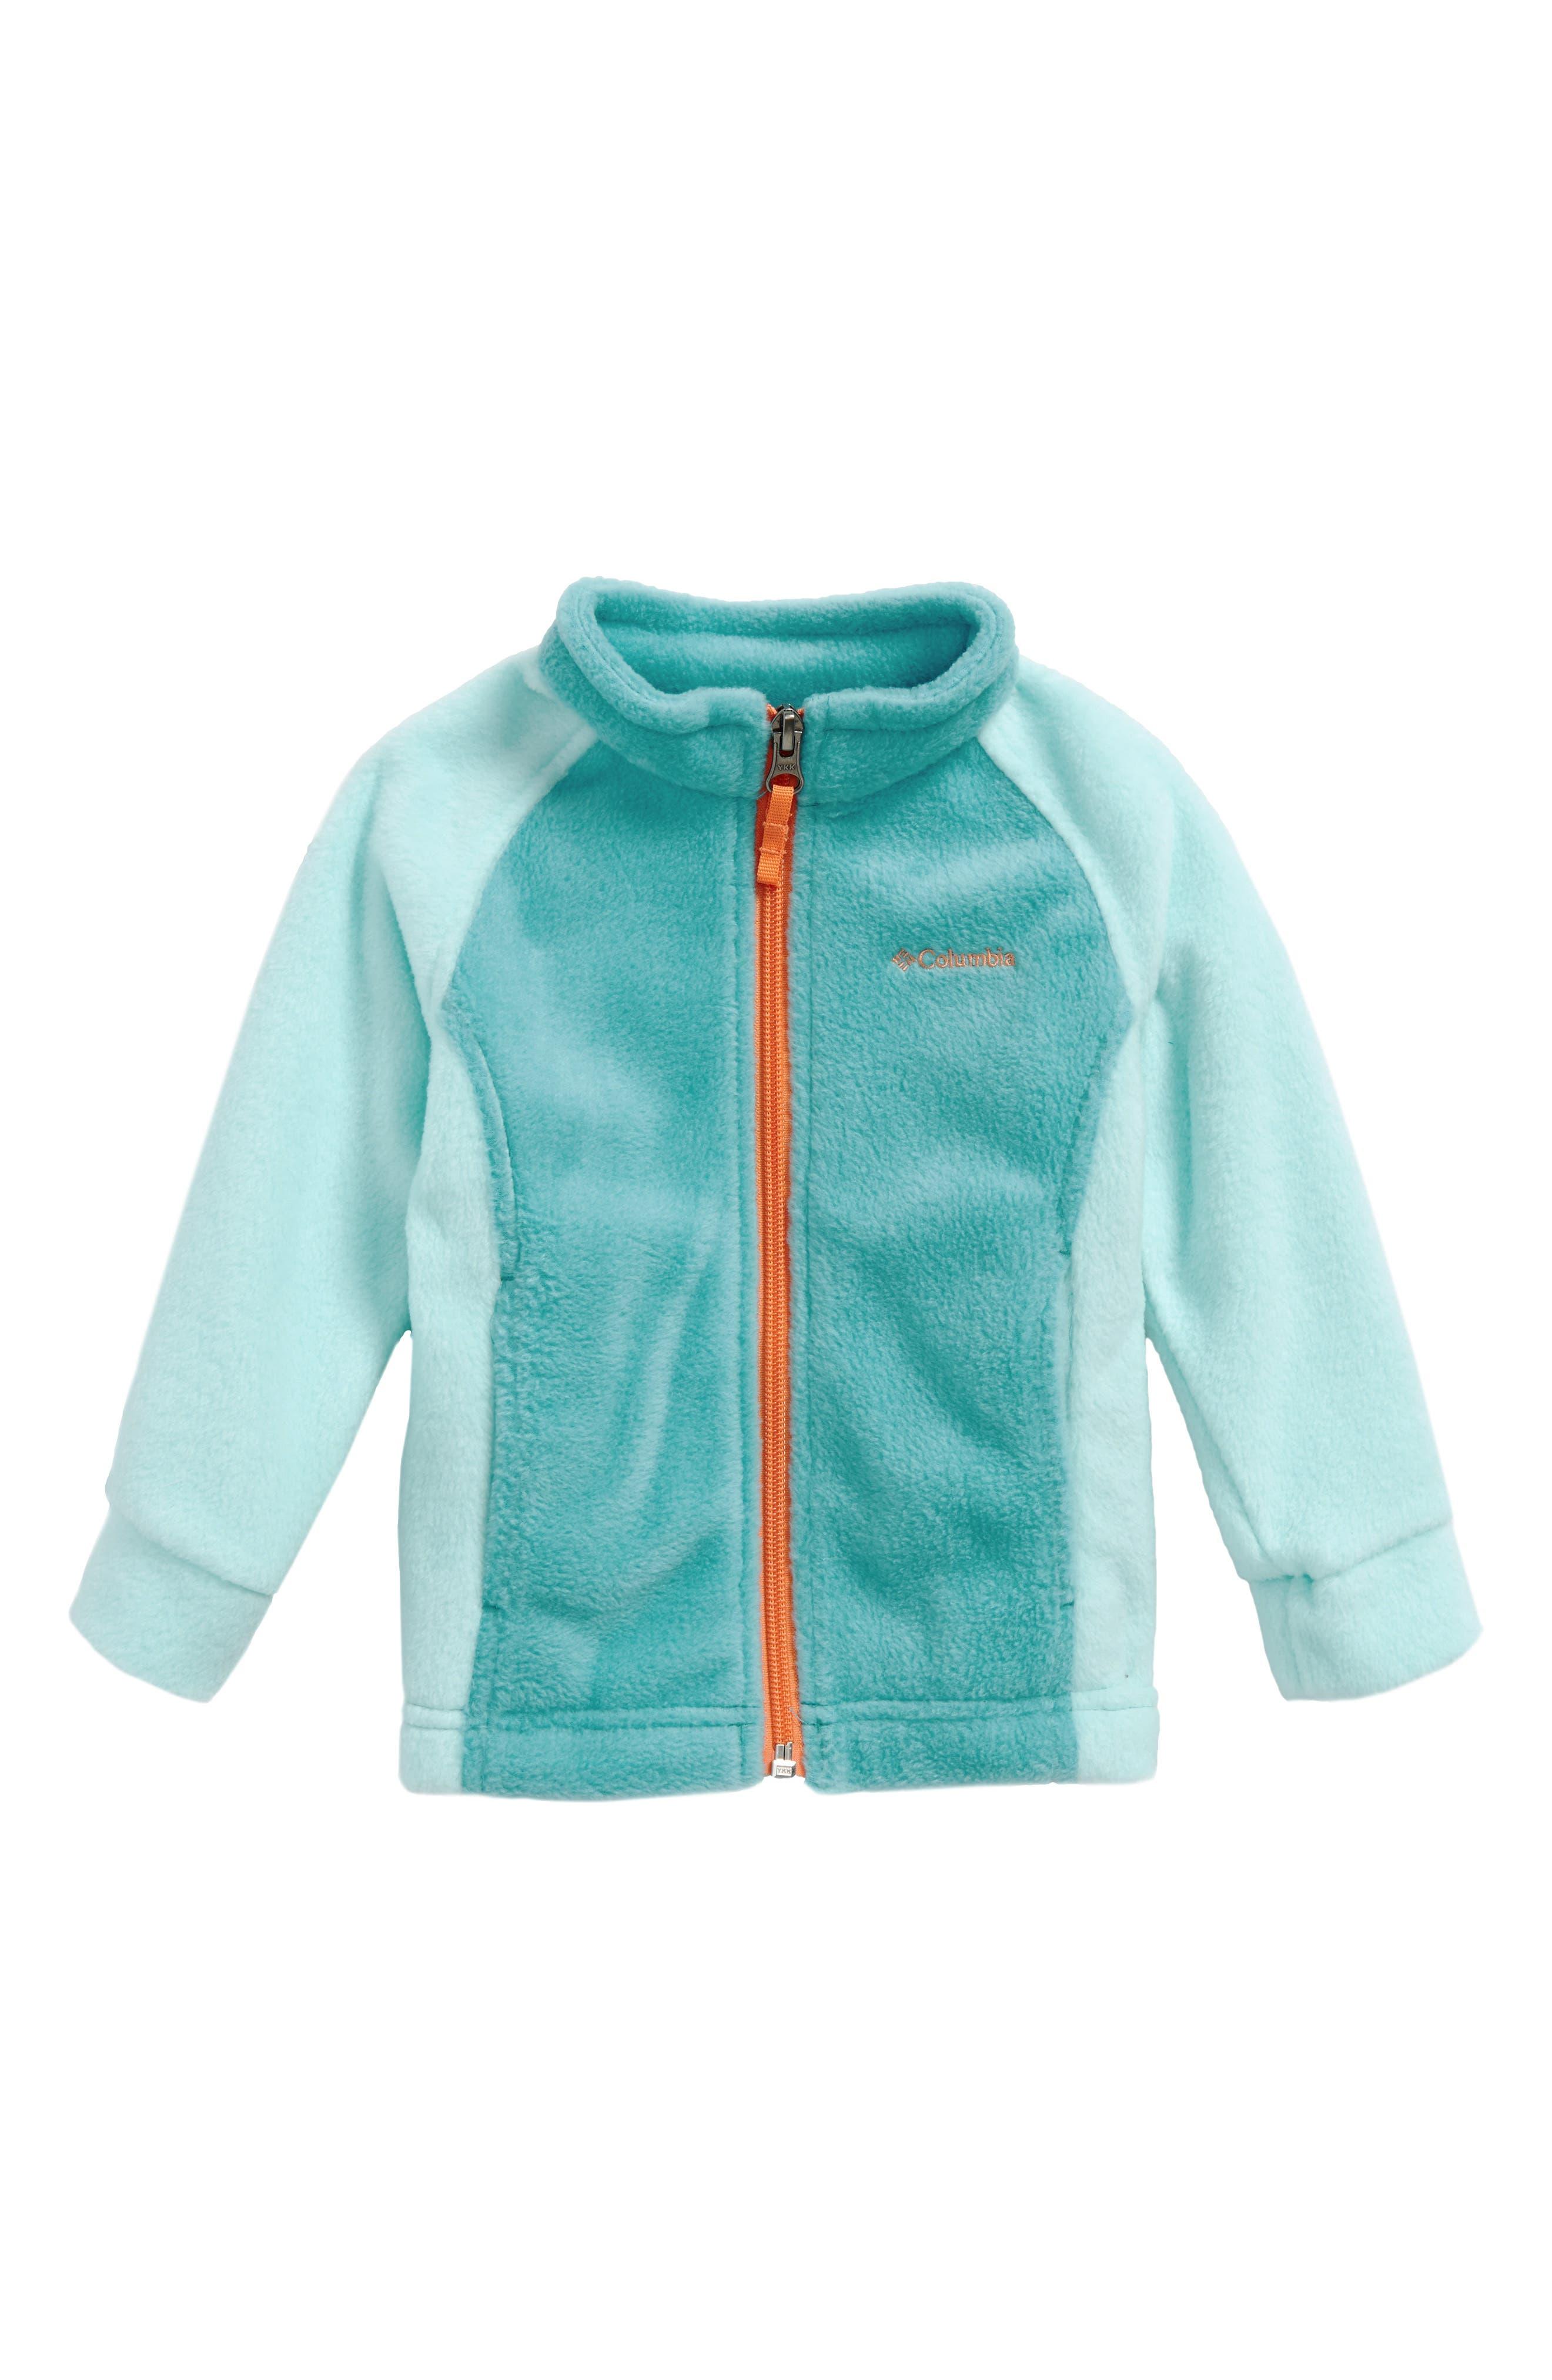 Benton Springs Fleece Jacket,                             Main thumbnail 1, color,